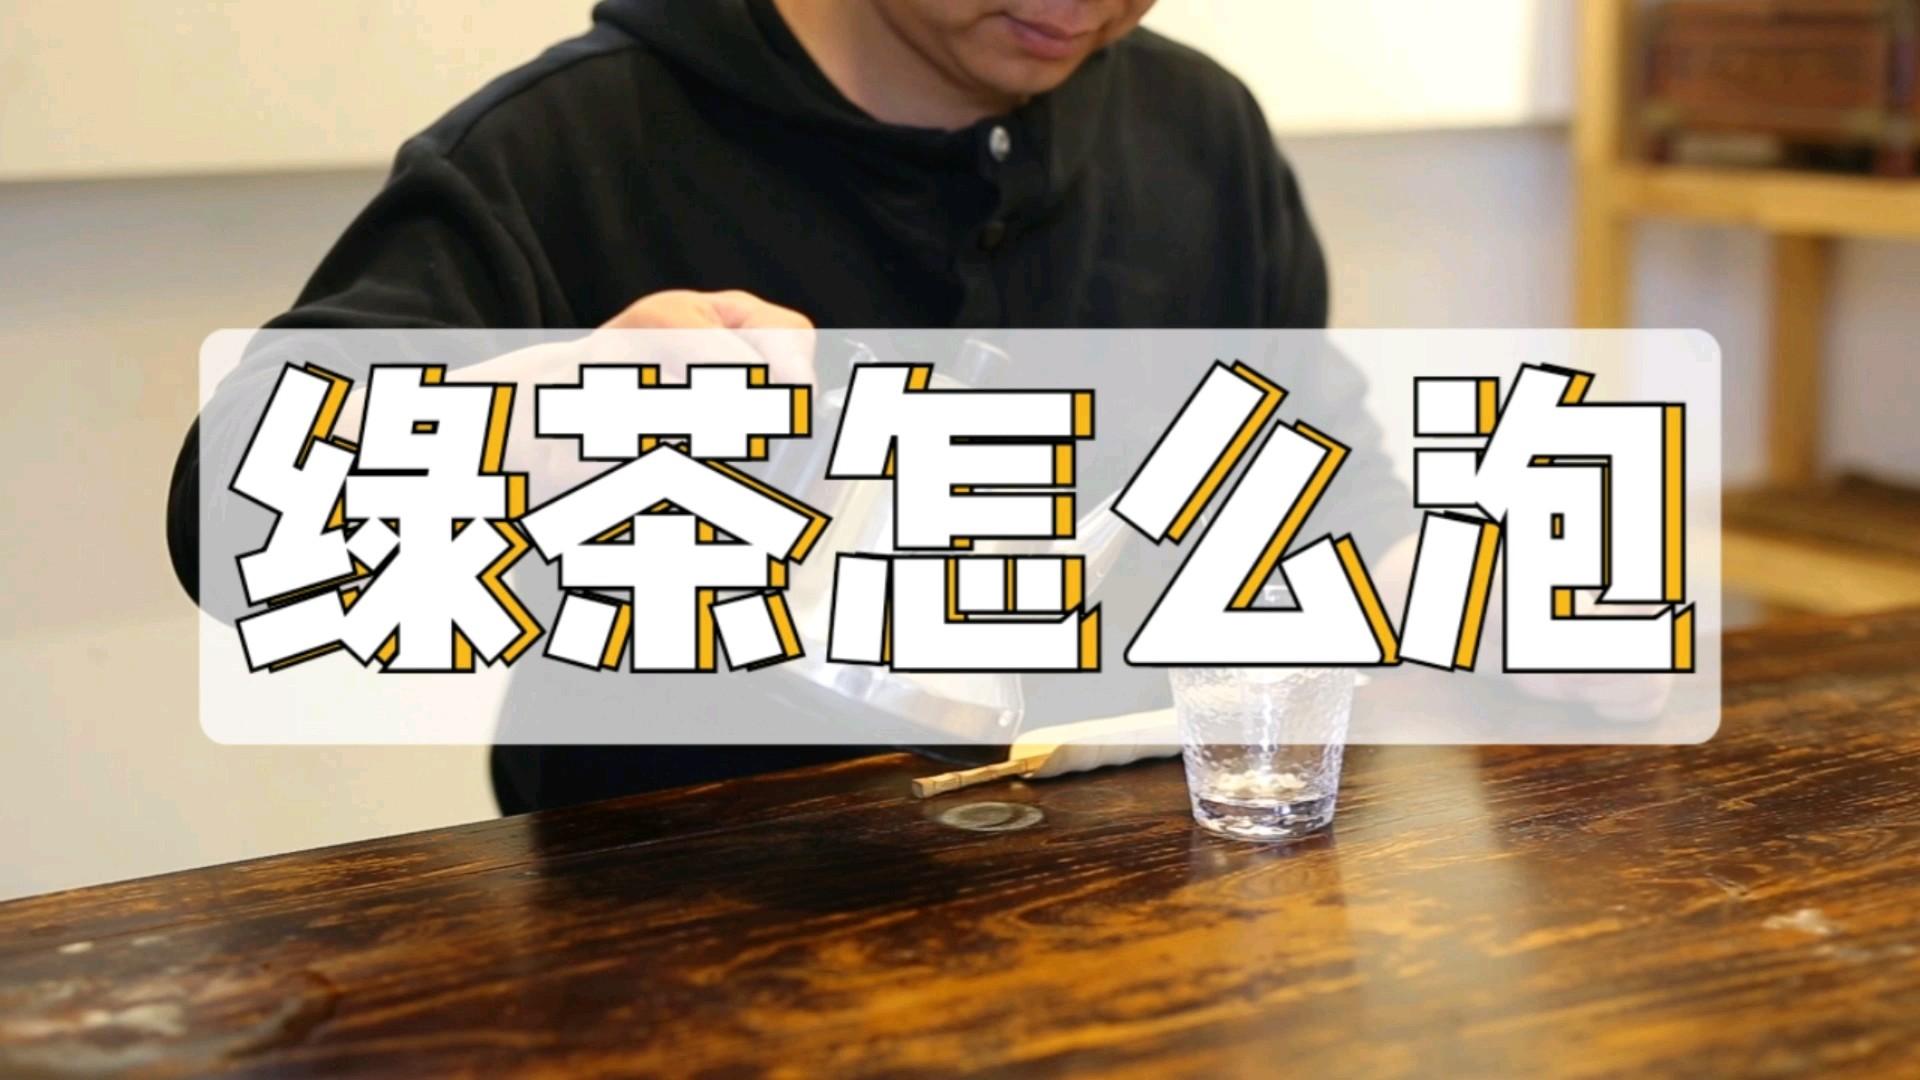 茶道入门绿茶怎么泡?在家用玻璃杯也能泡出好喝不涩的绿茶?